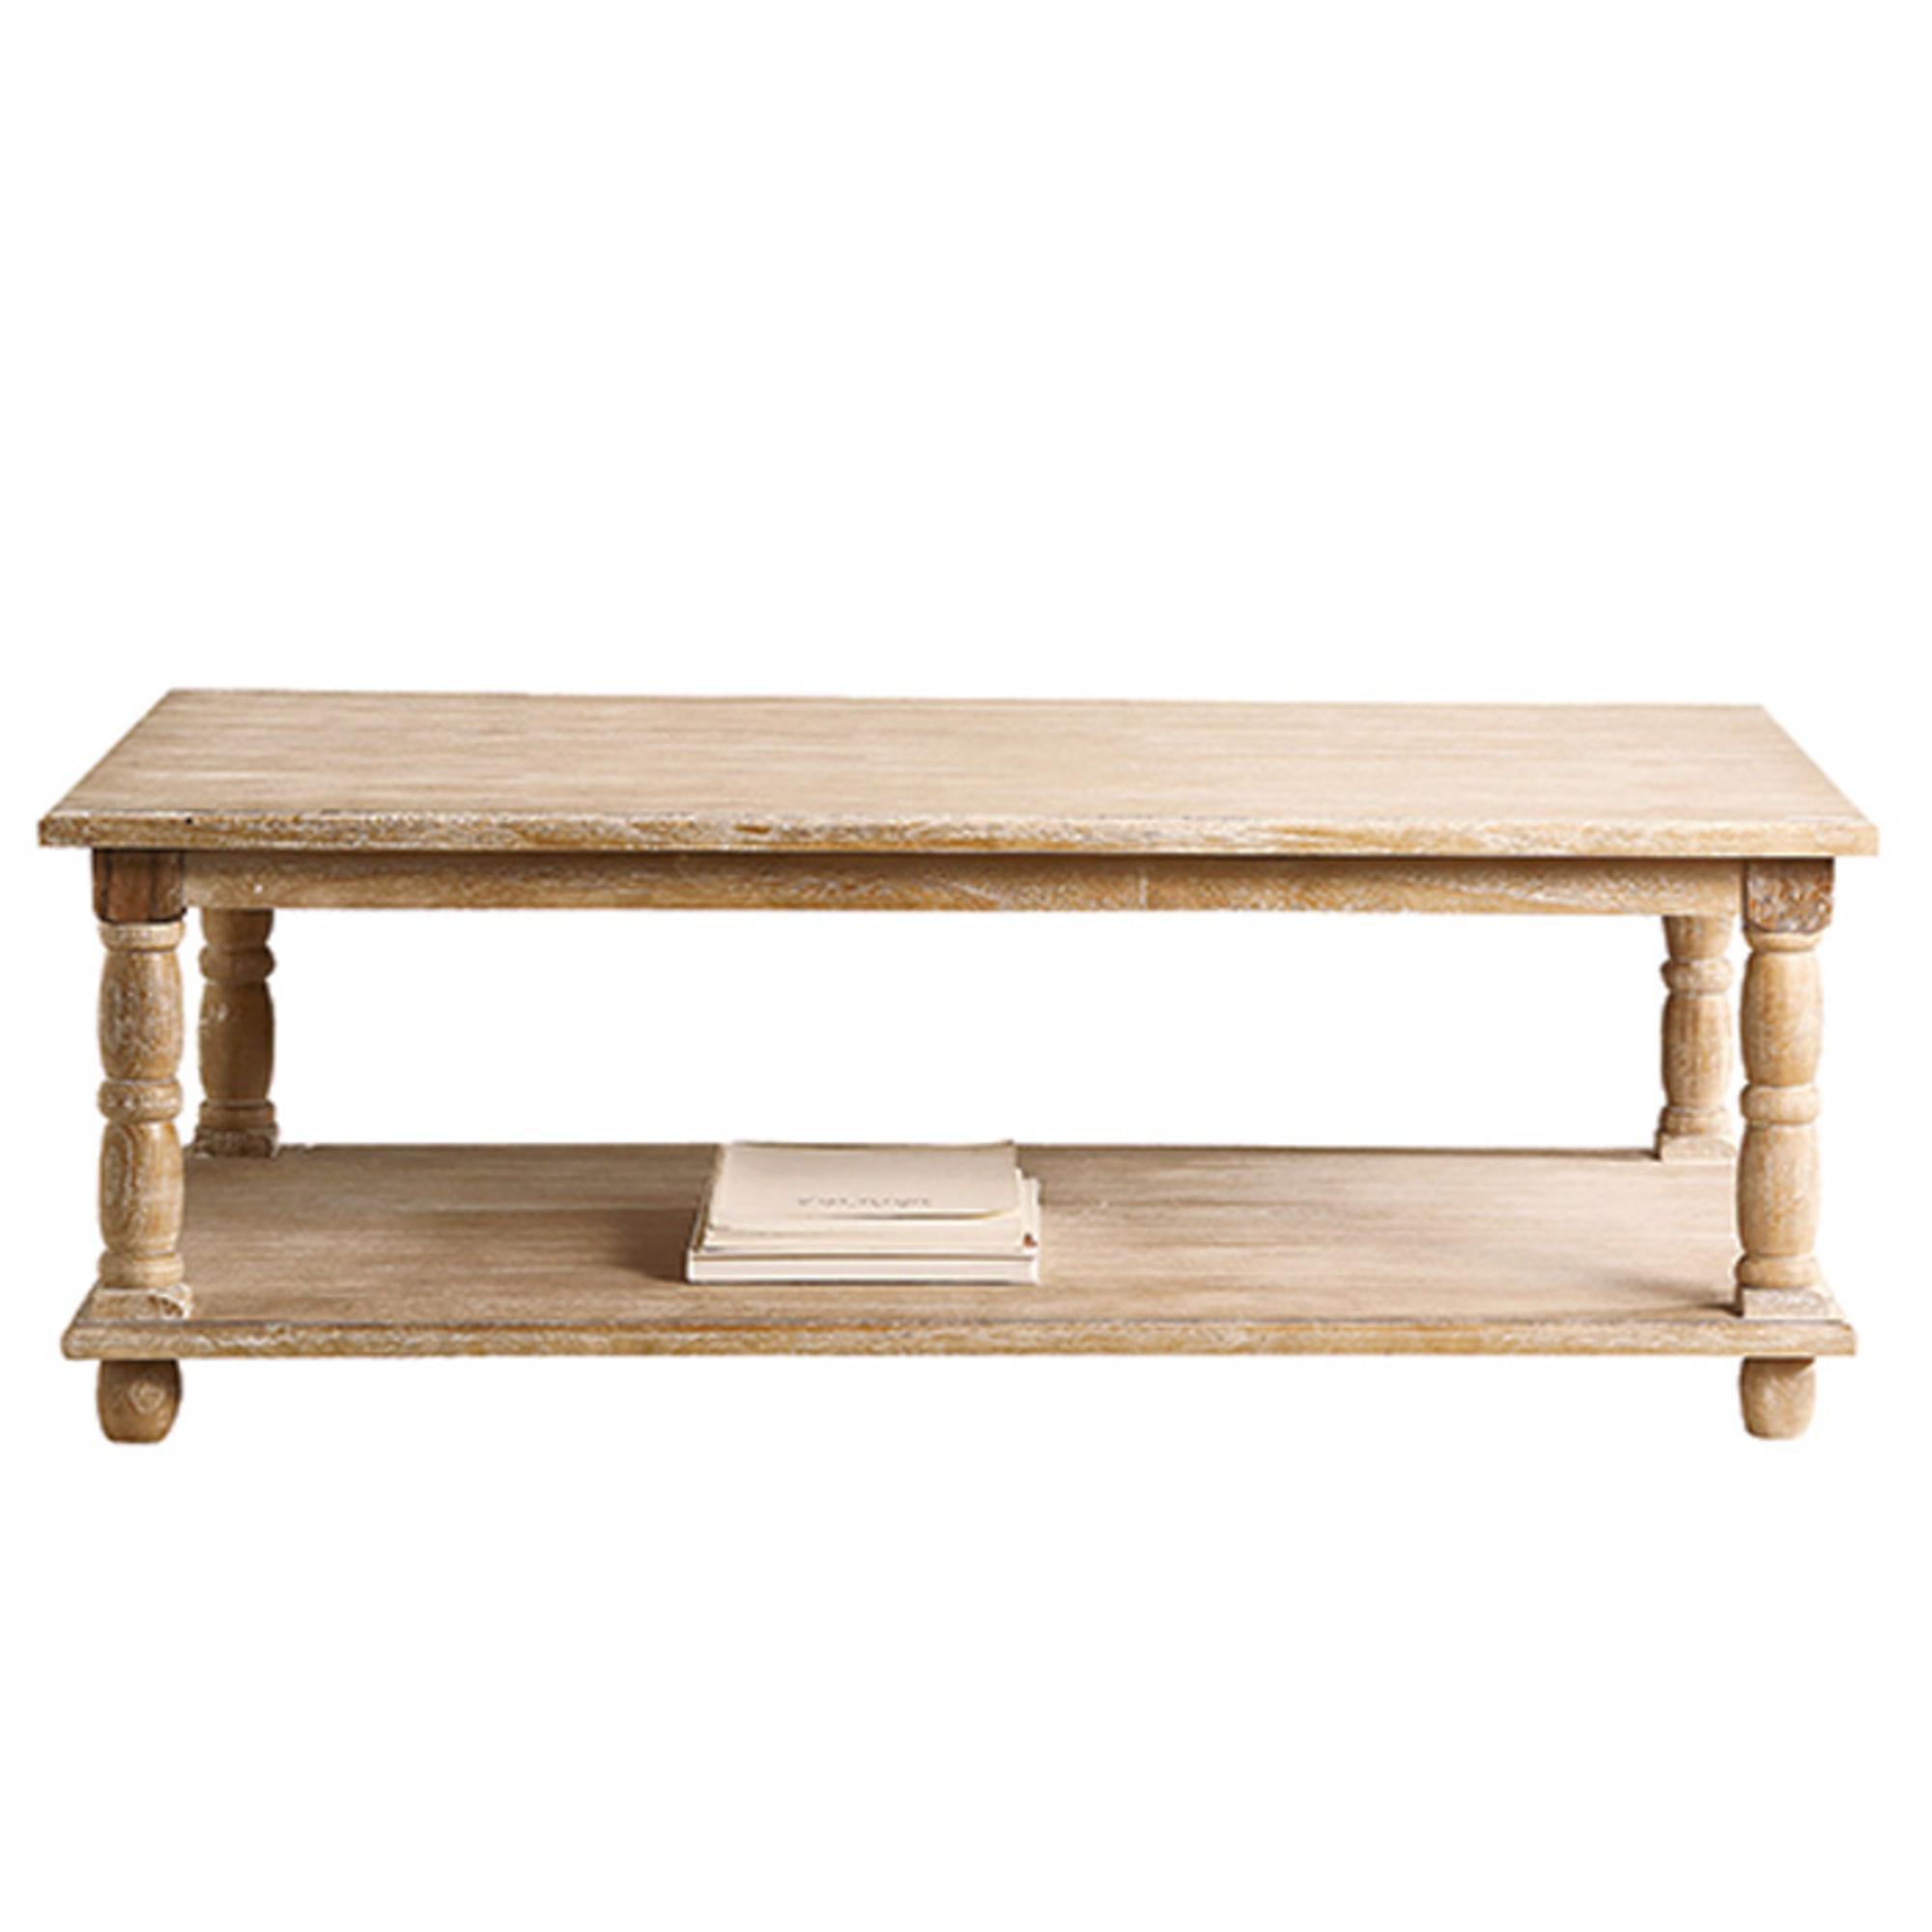 table basse rectangulaire ophrys patin c rus anniversaire 40 ans acheter ce produit au. Black Bedroom Furniture Sets. Home Design Ideas